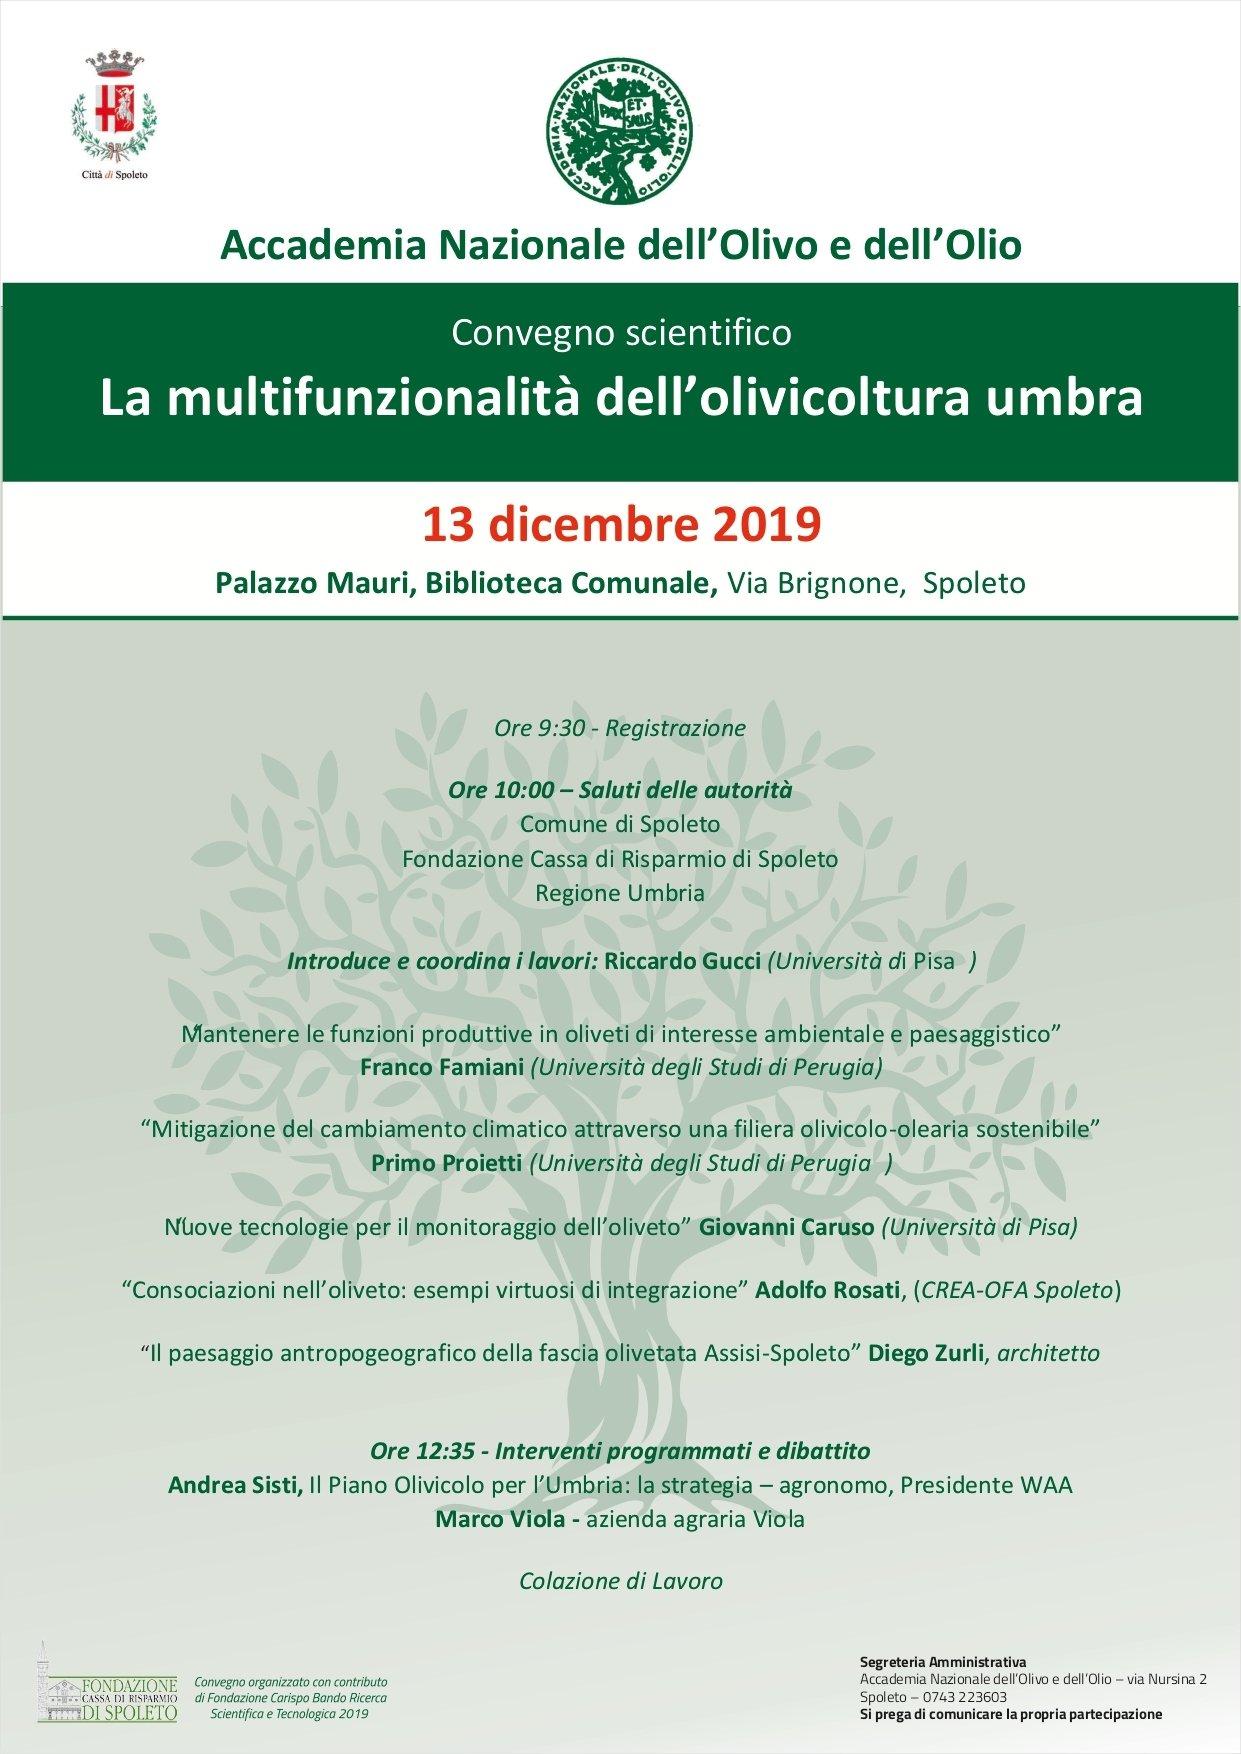 La multifunzionalità dell'olivicoltura umbra, il convegno dell'Accademia Nazionale dell'Olivo e Olio